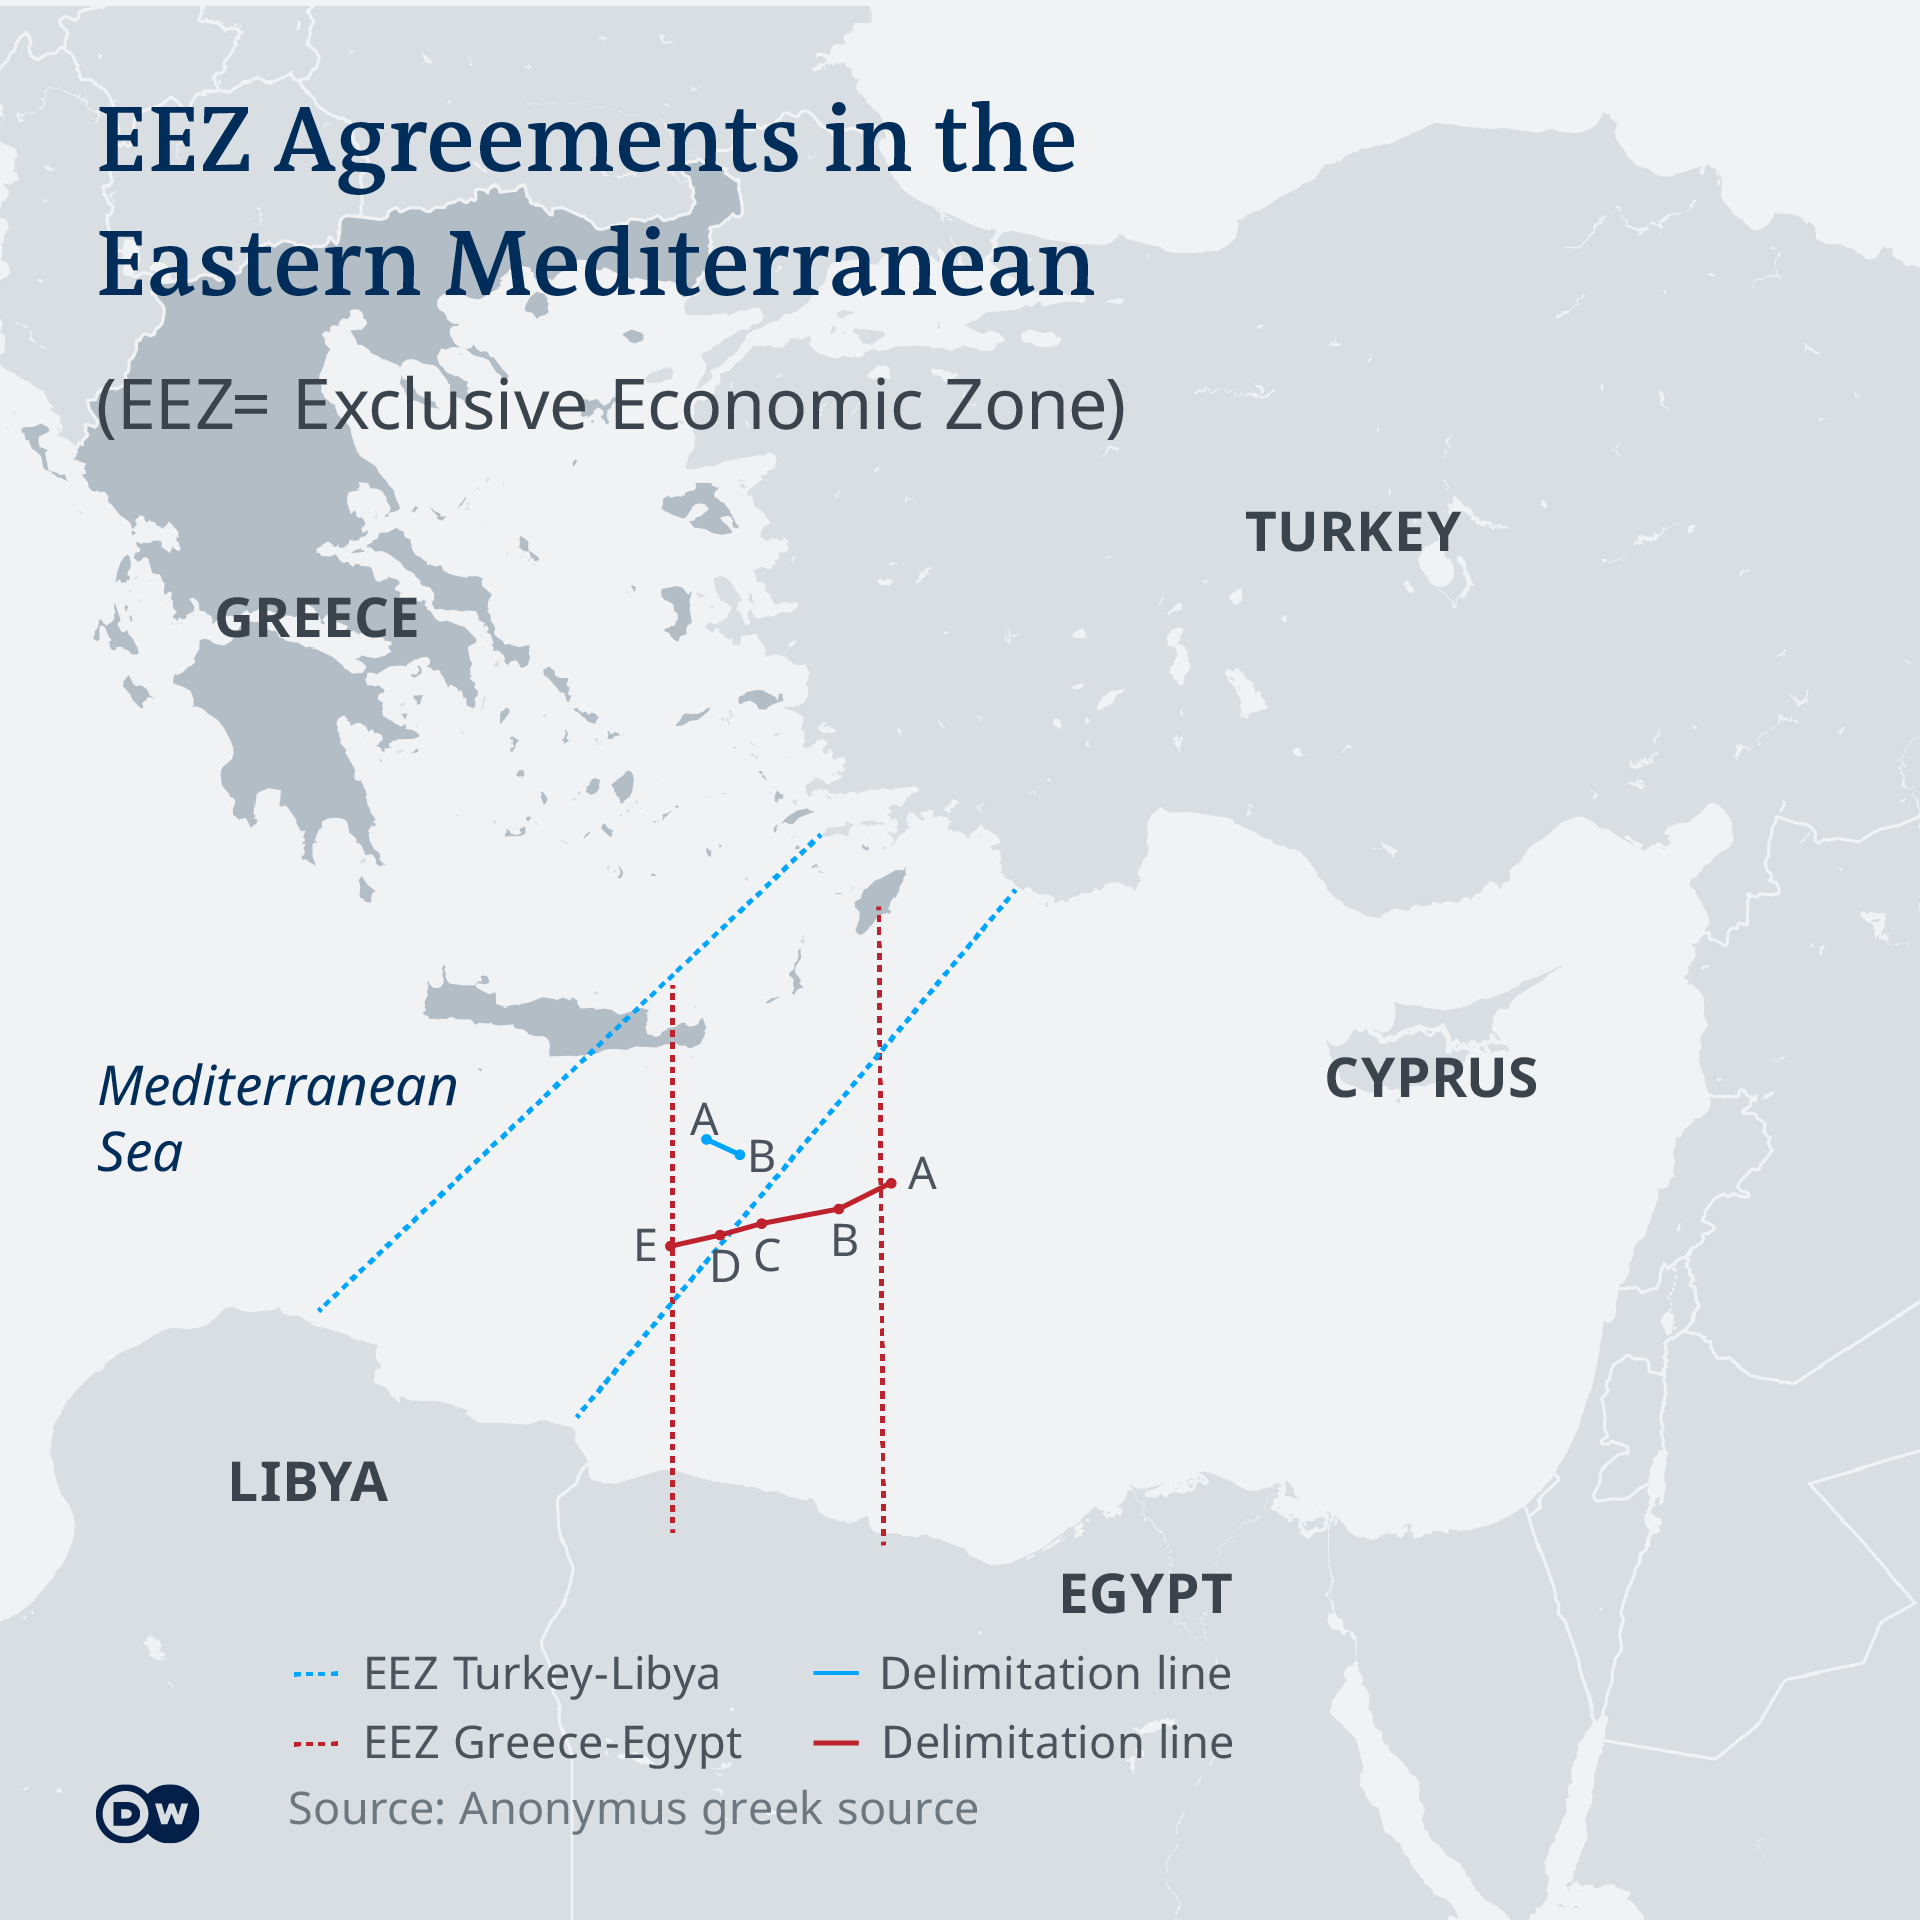 Kesepakatan untuk membagi Zona Ekonomi Ekslusif di timur Laut Tengah antara Turki, Siprus, Mesir, Libya dan Yunani.